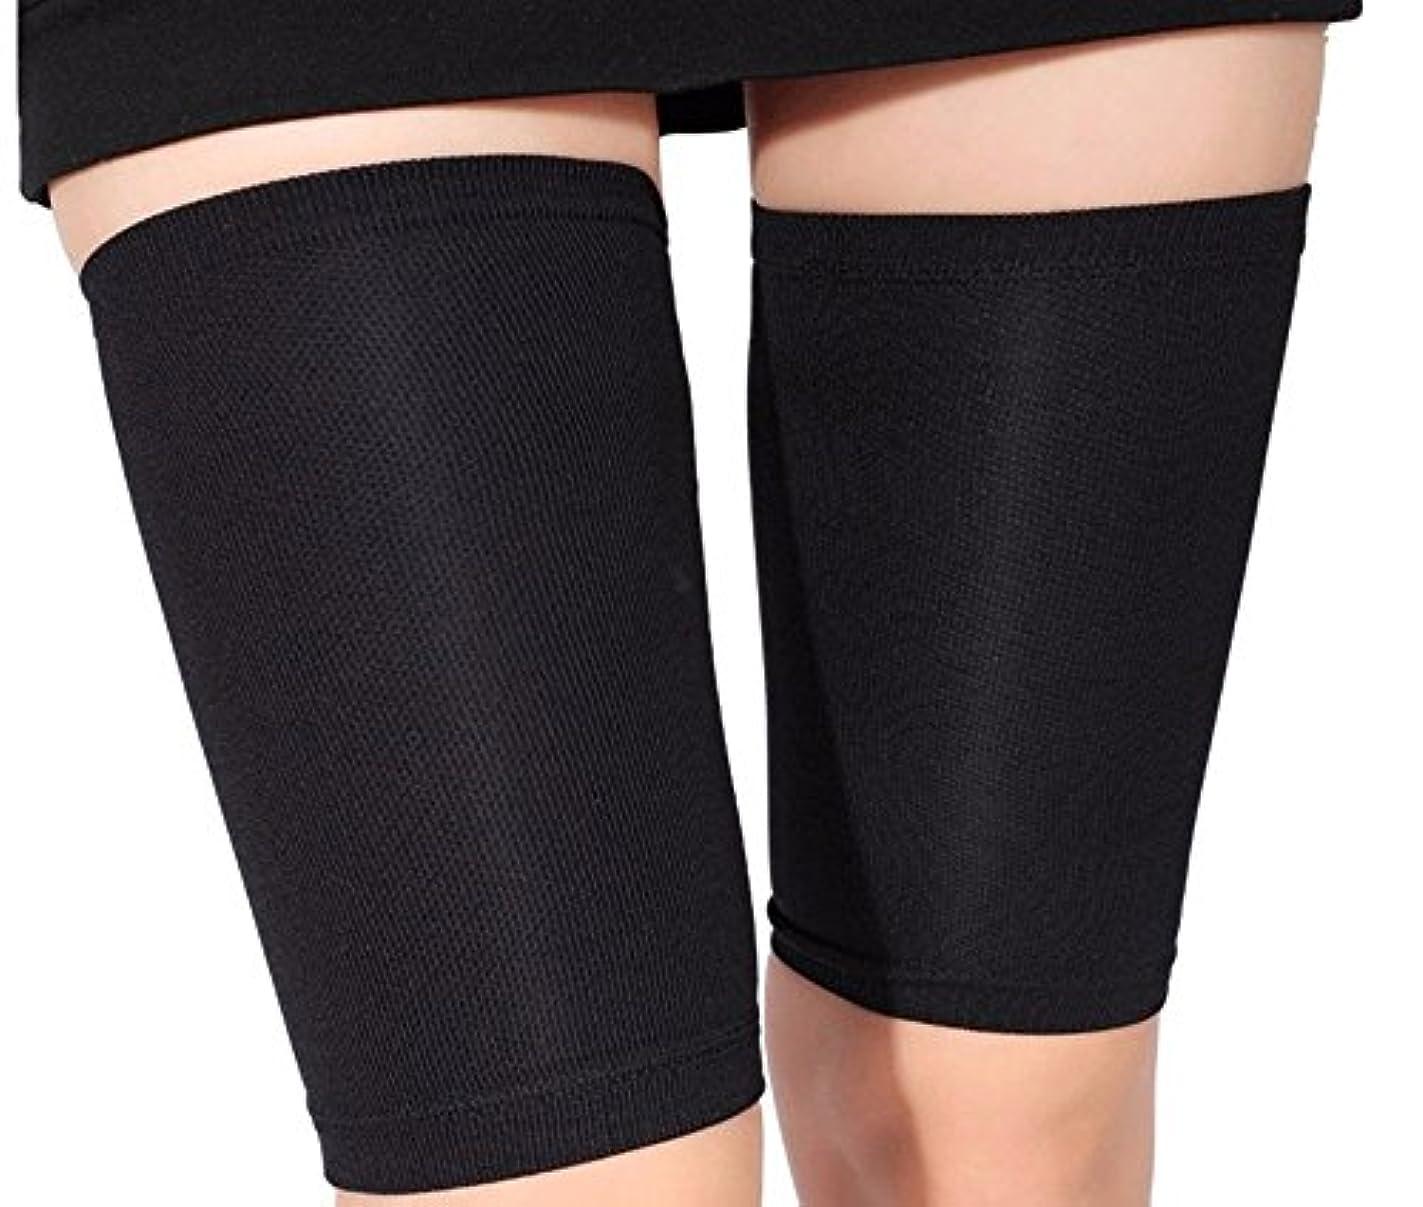 矩形朝の体操をする確かめる太もも燃焼 むくみ セルライト 除去 婦人科系 に作用 両足セット